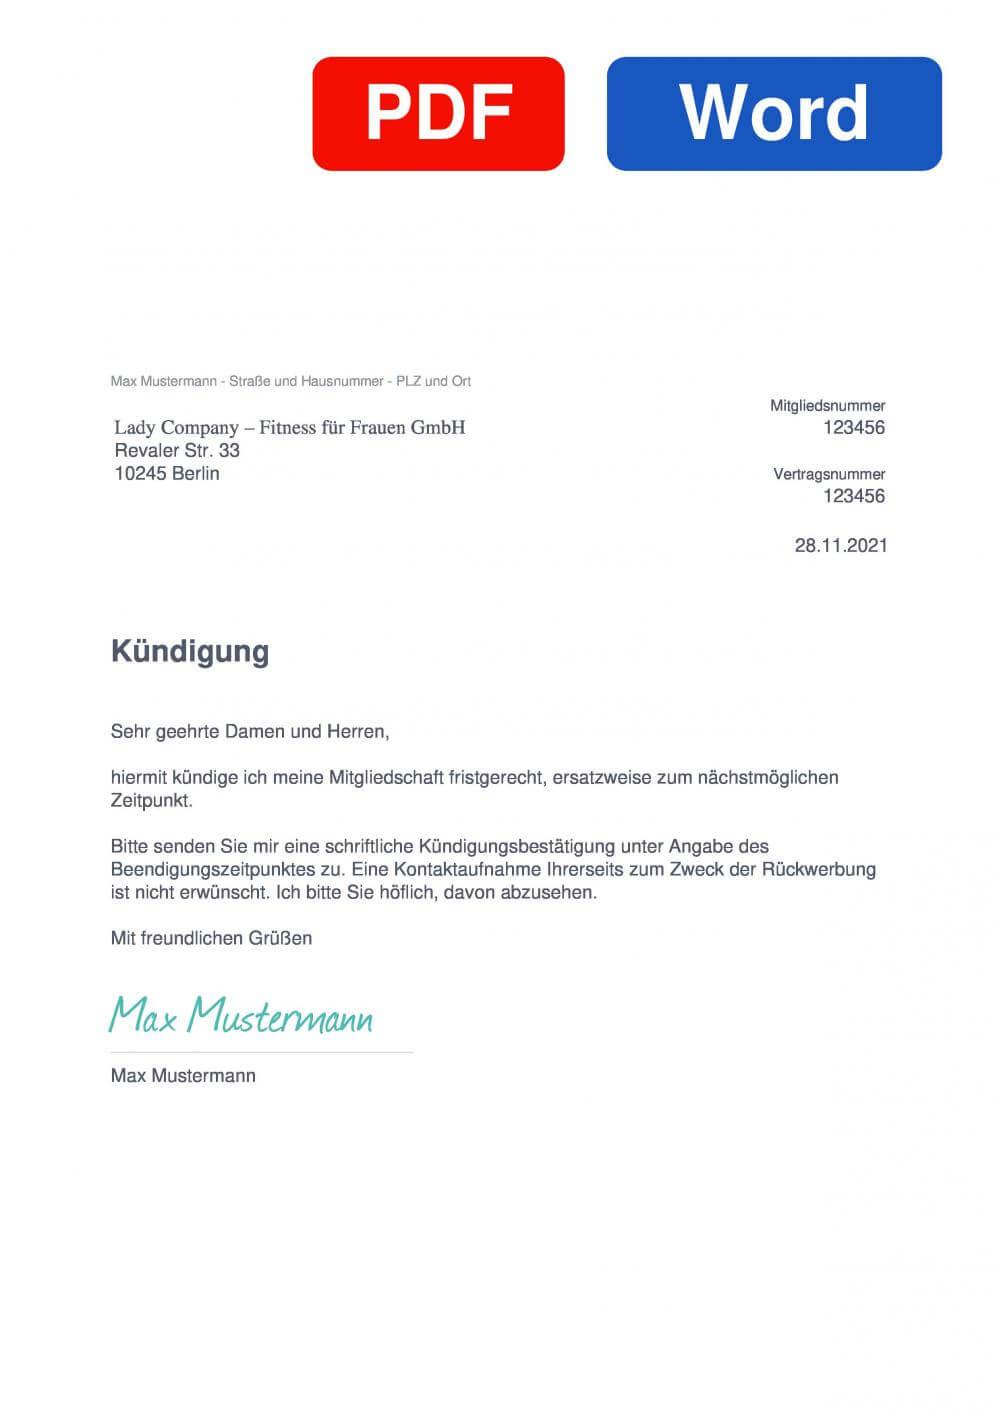 Lady Company Muster Vorlage für Kündigungsschreiben